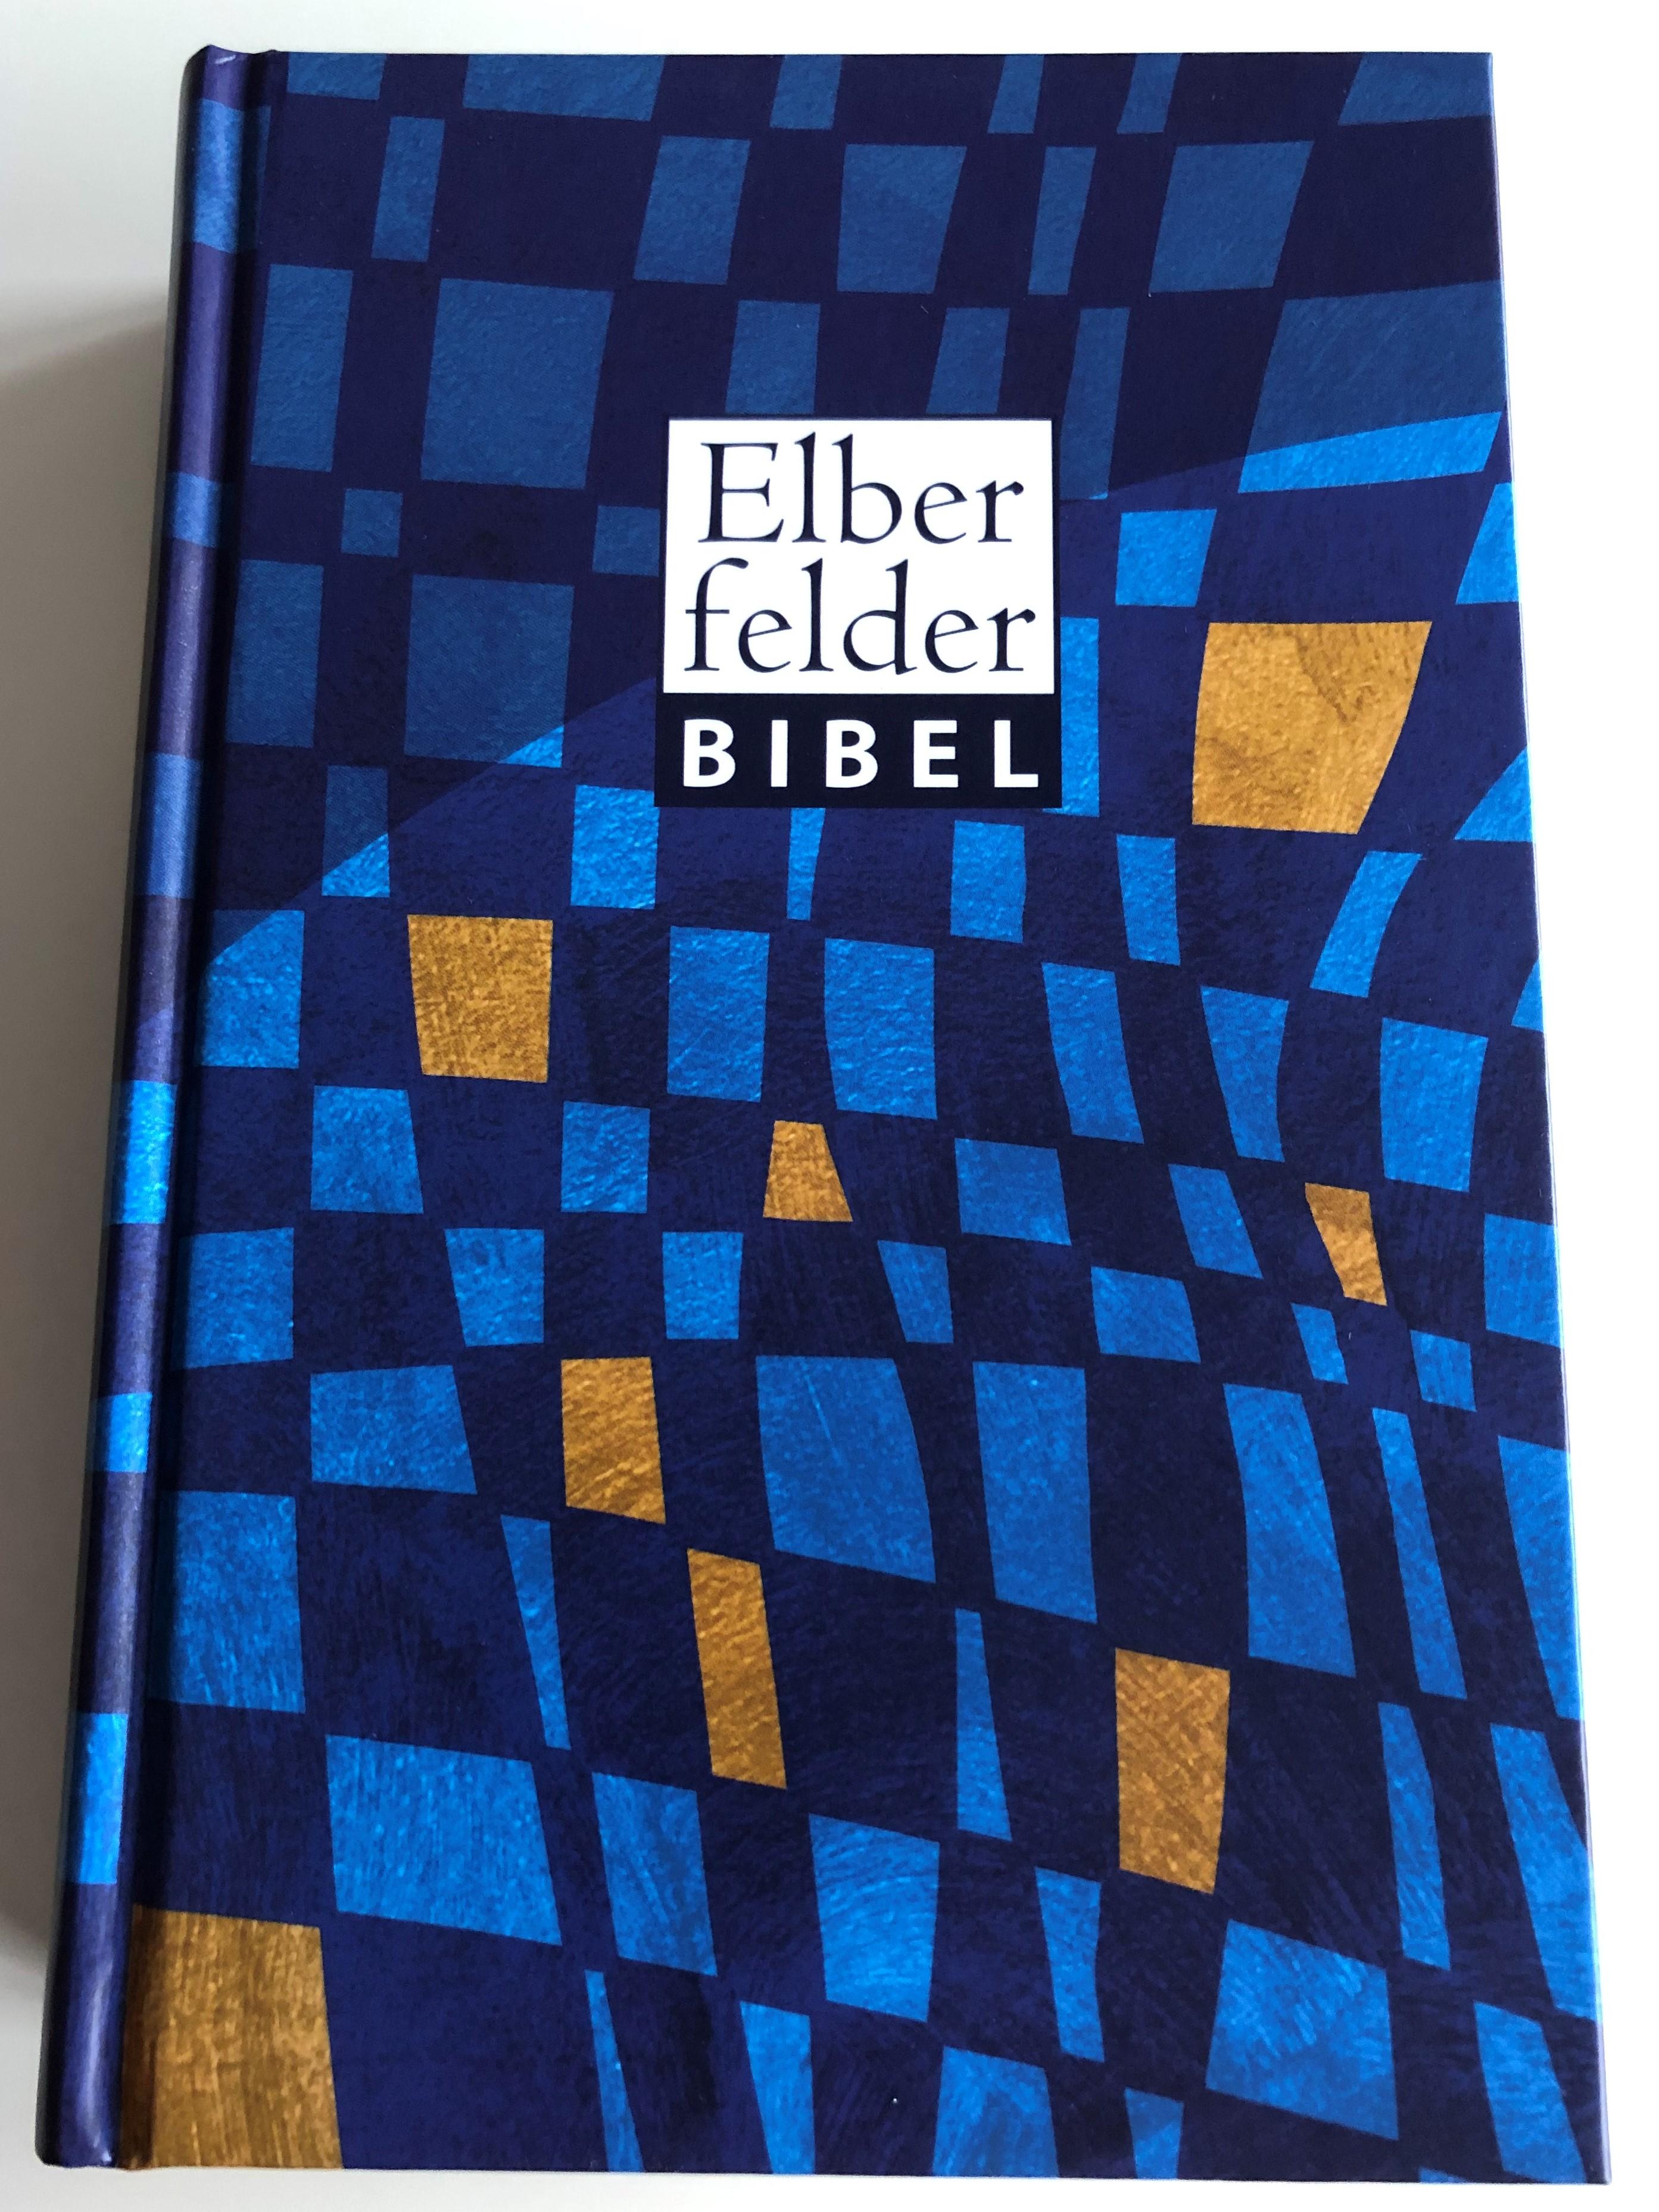 elberfelder-bibel-glass-window-cover-holy-bible-in-german-language-1.jpg